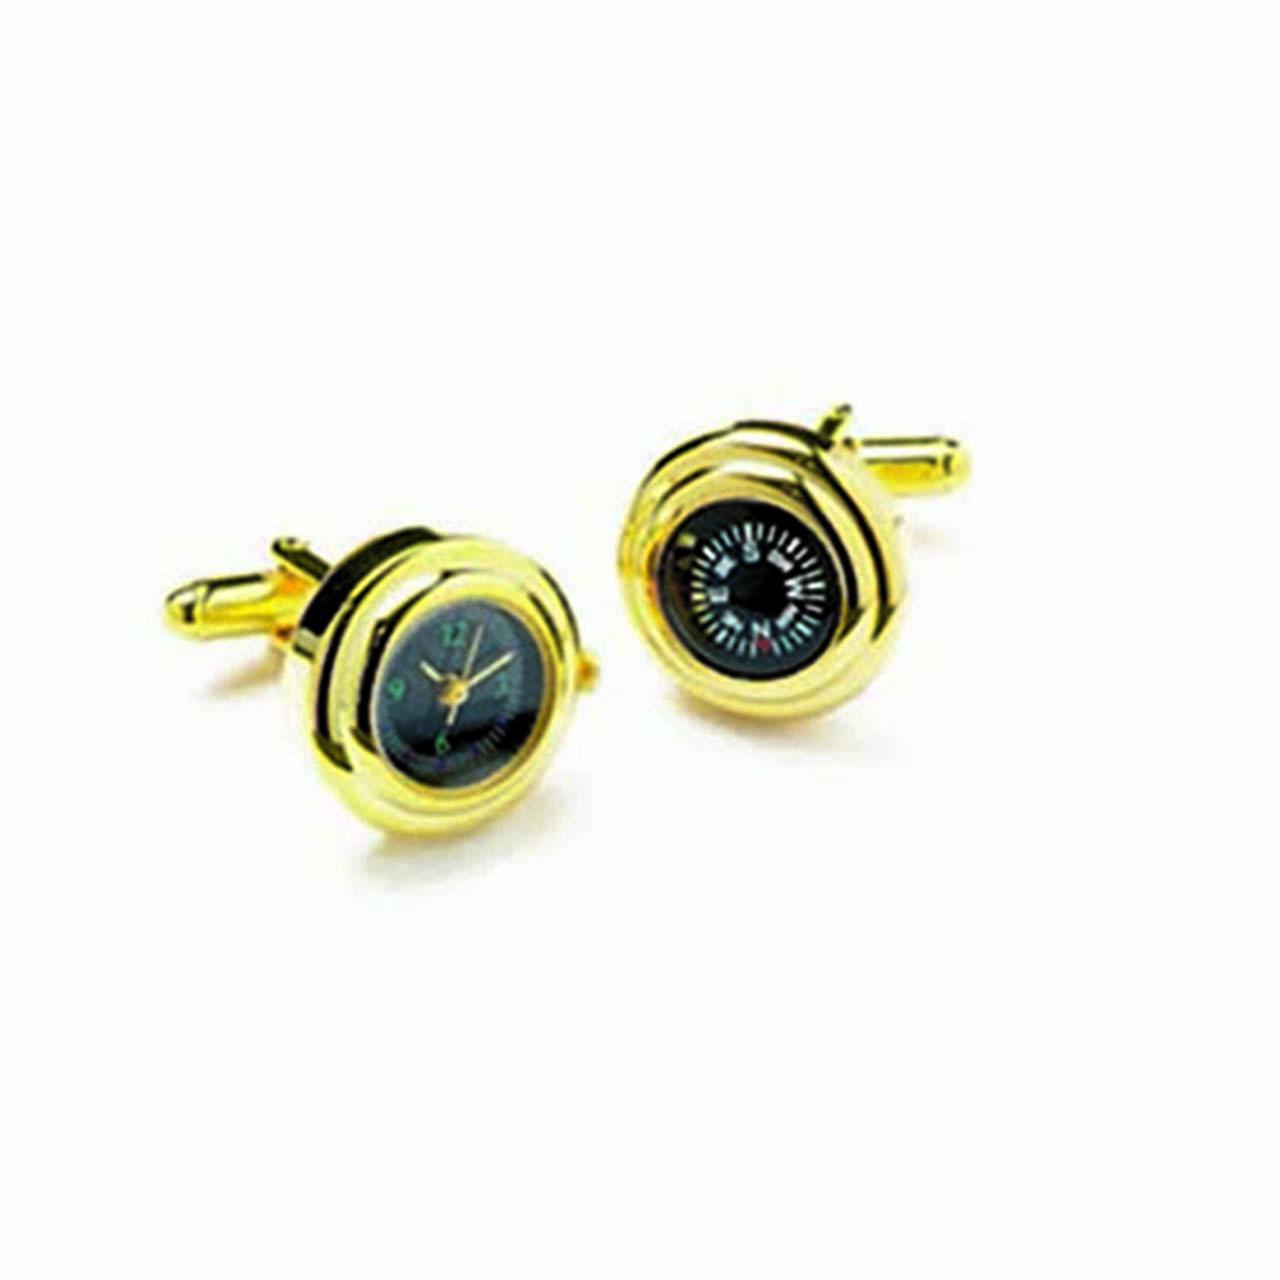 Gold Watch & Compass Cufflinks